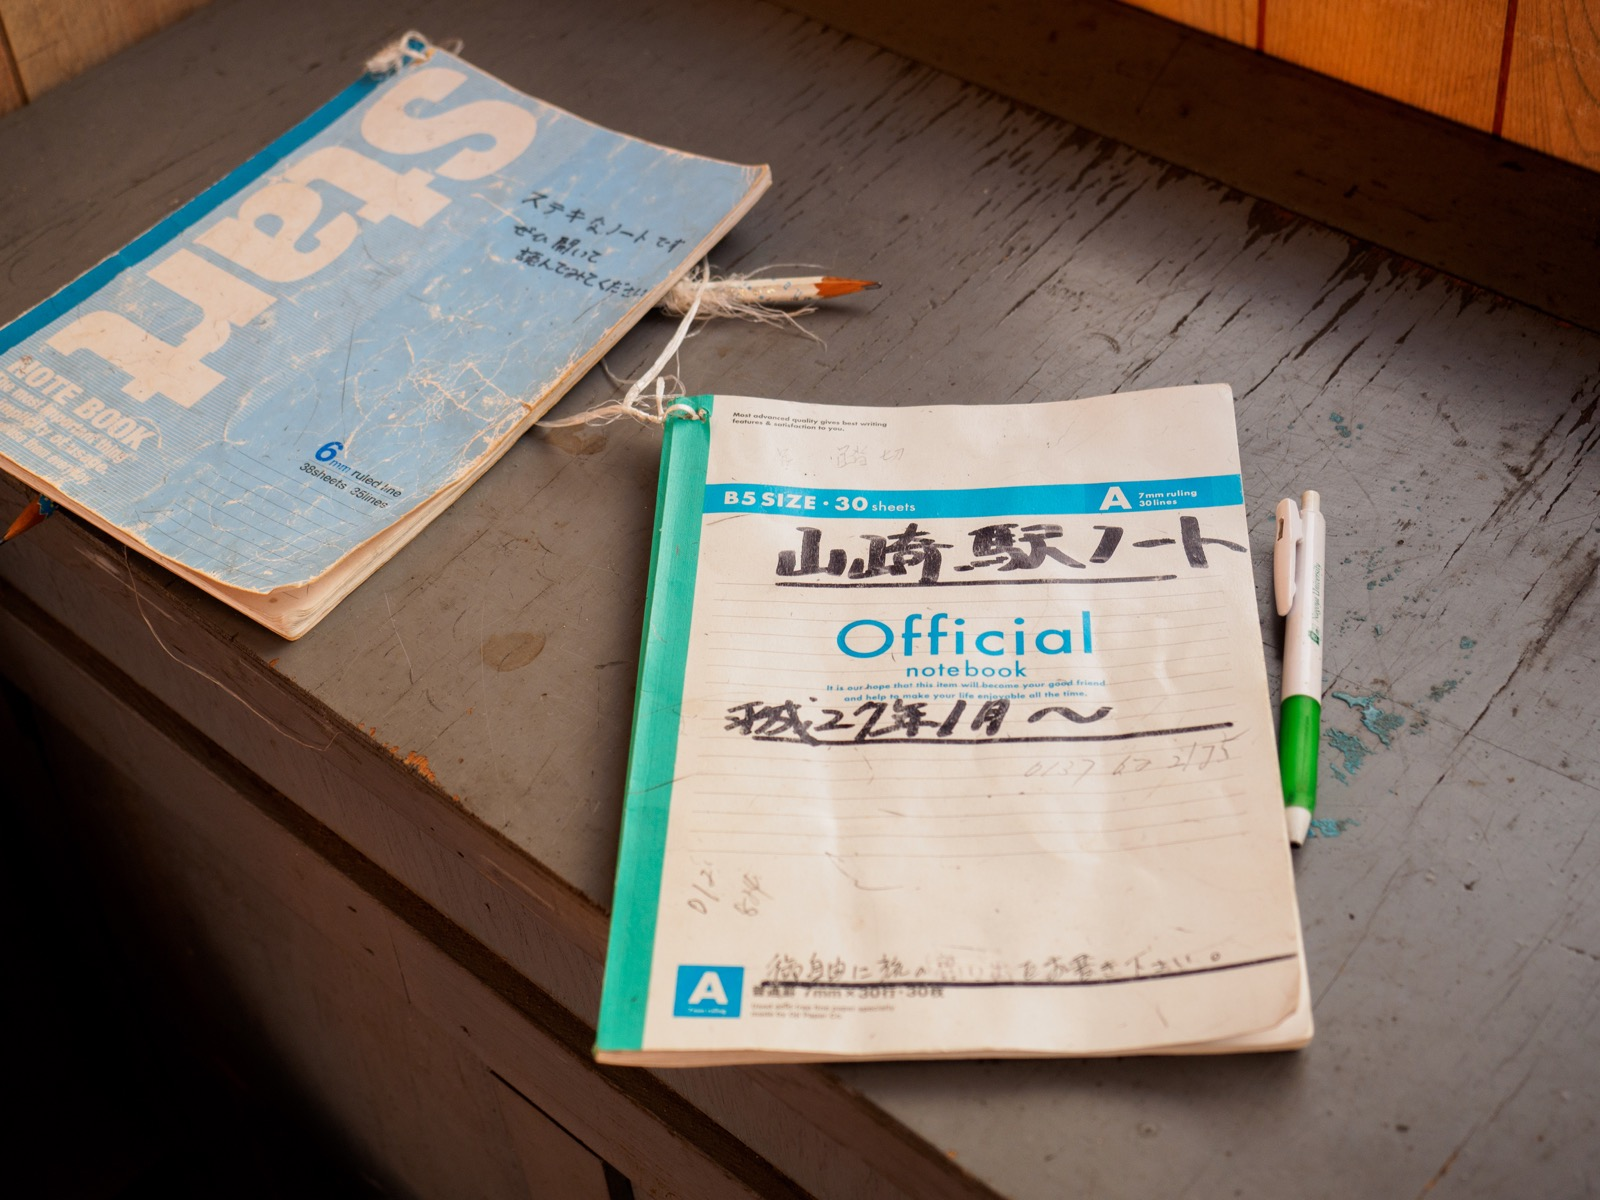 山崎駅の駅ノート